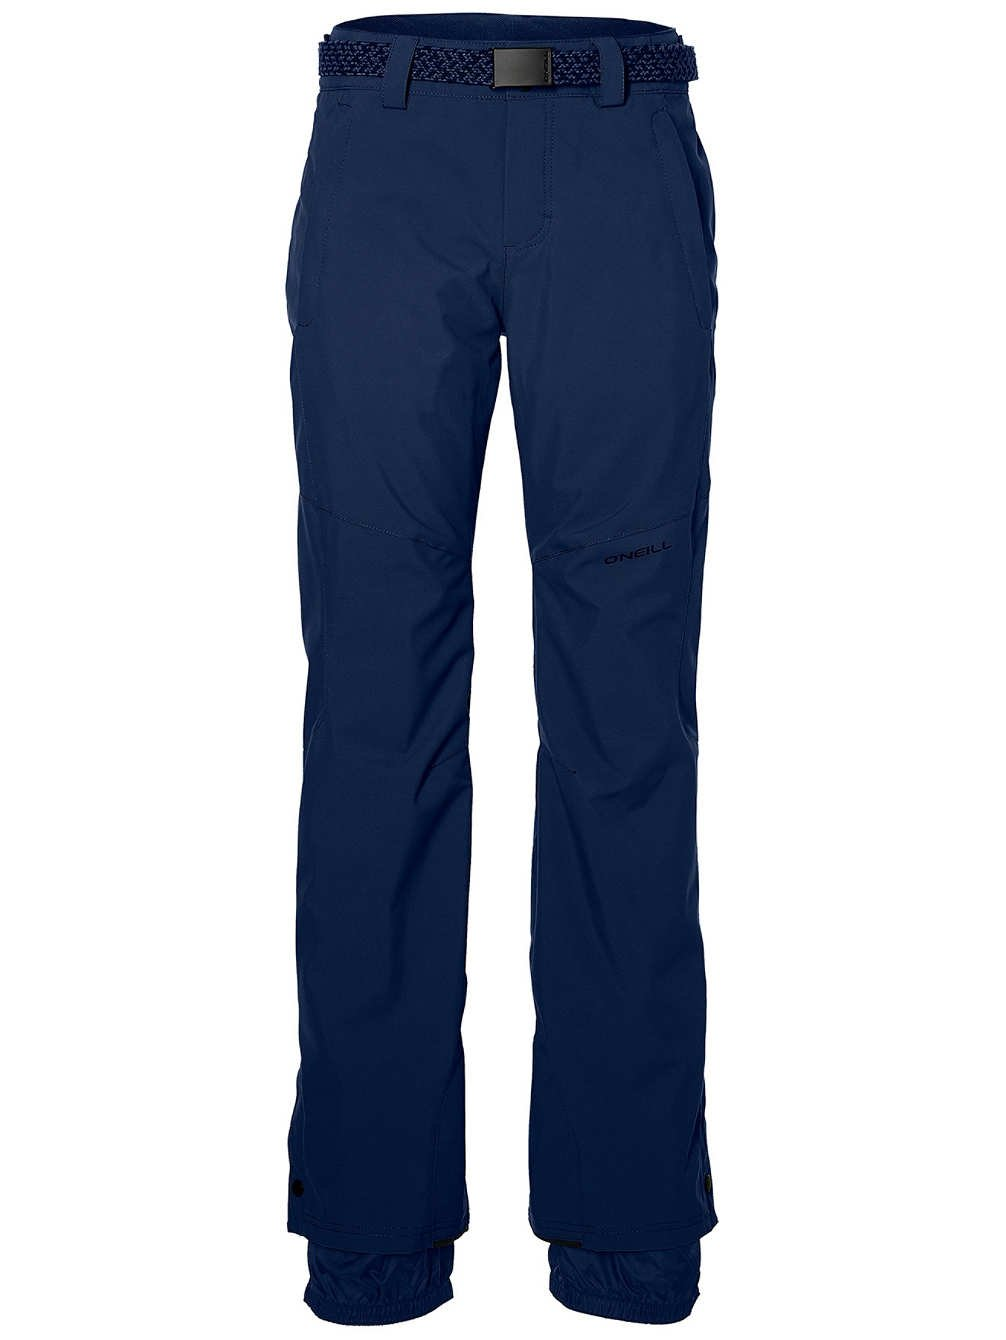 Bleu encre XS O'Neill Star Pantalon de Ski